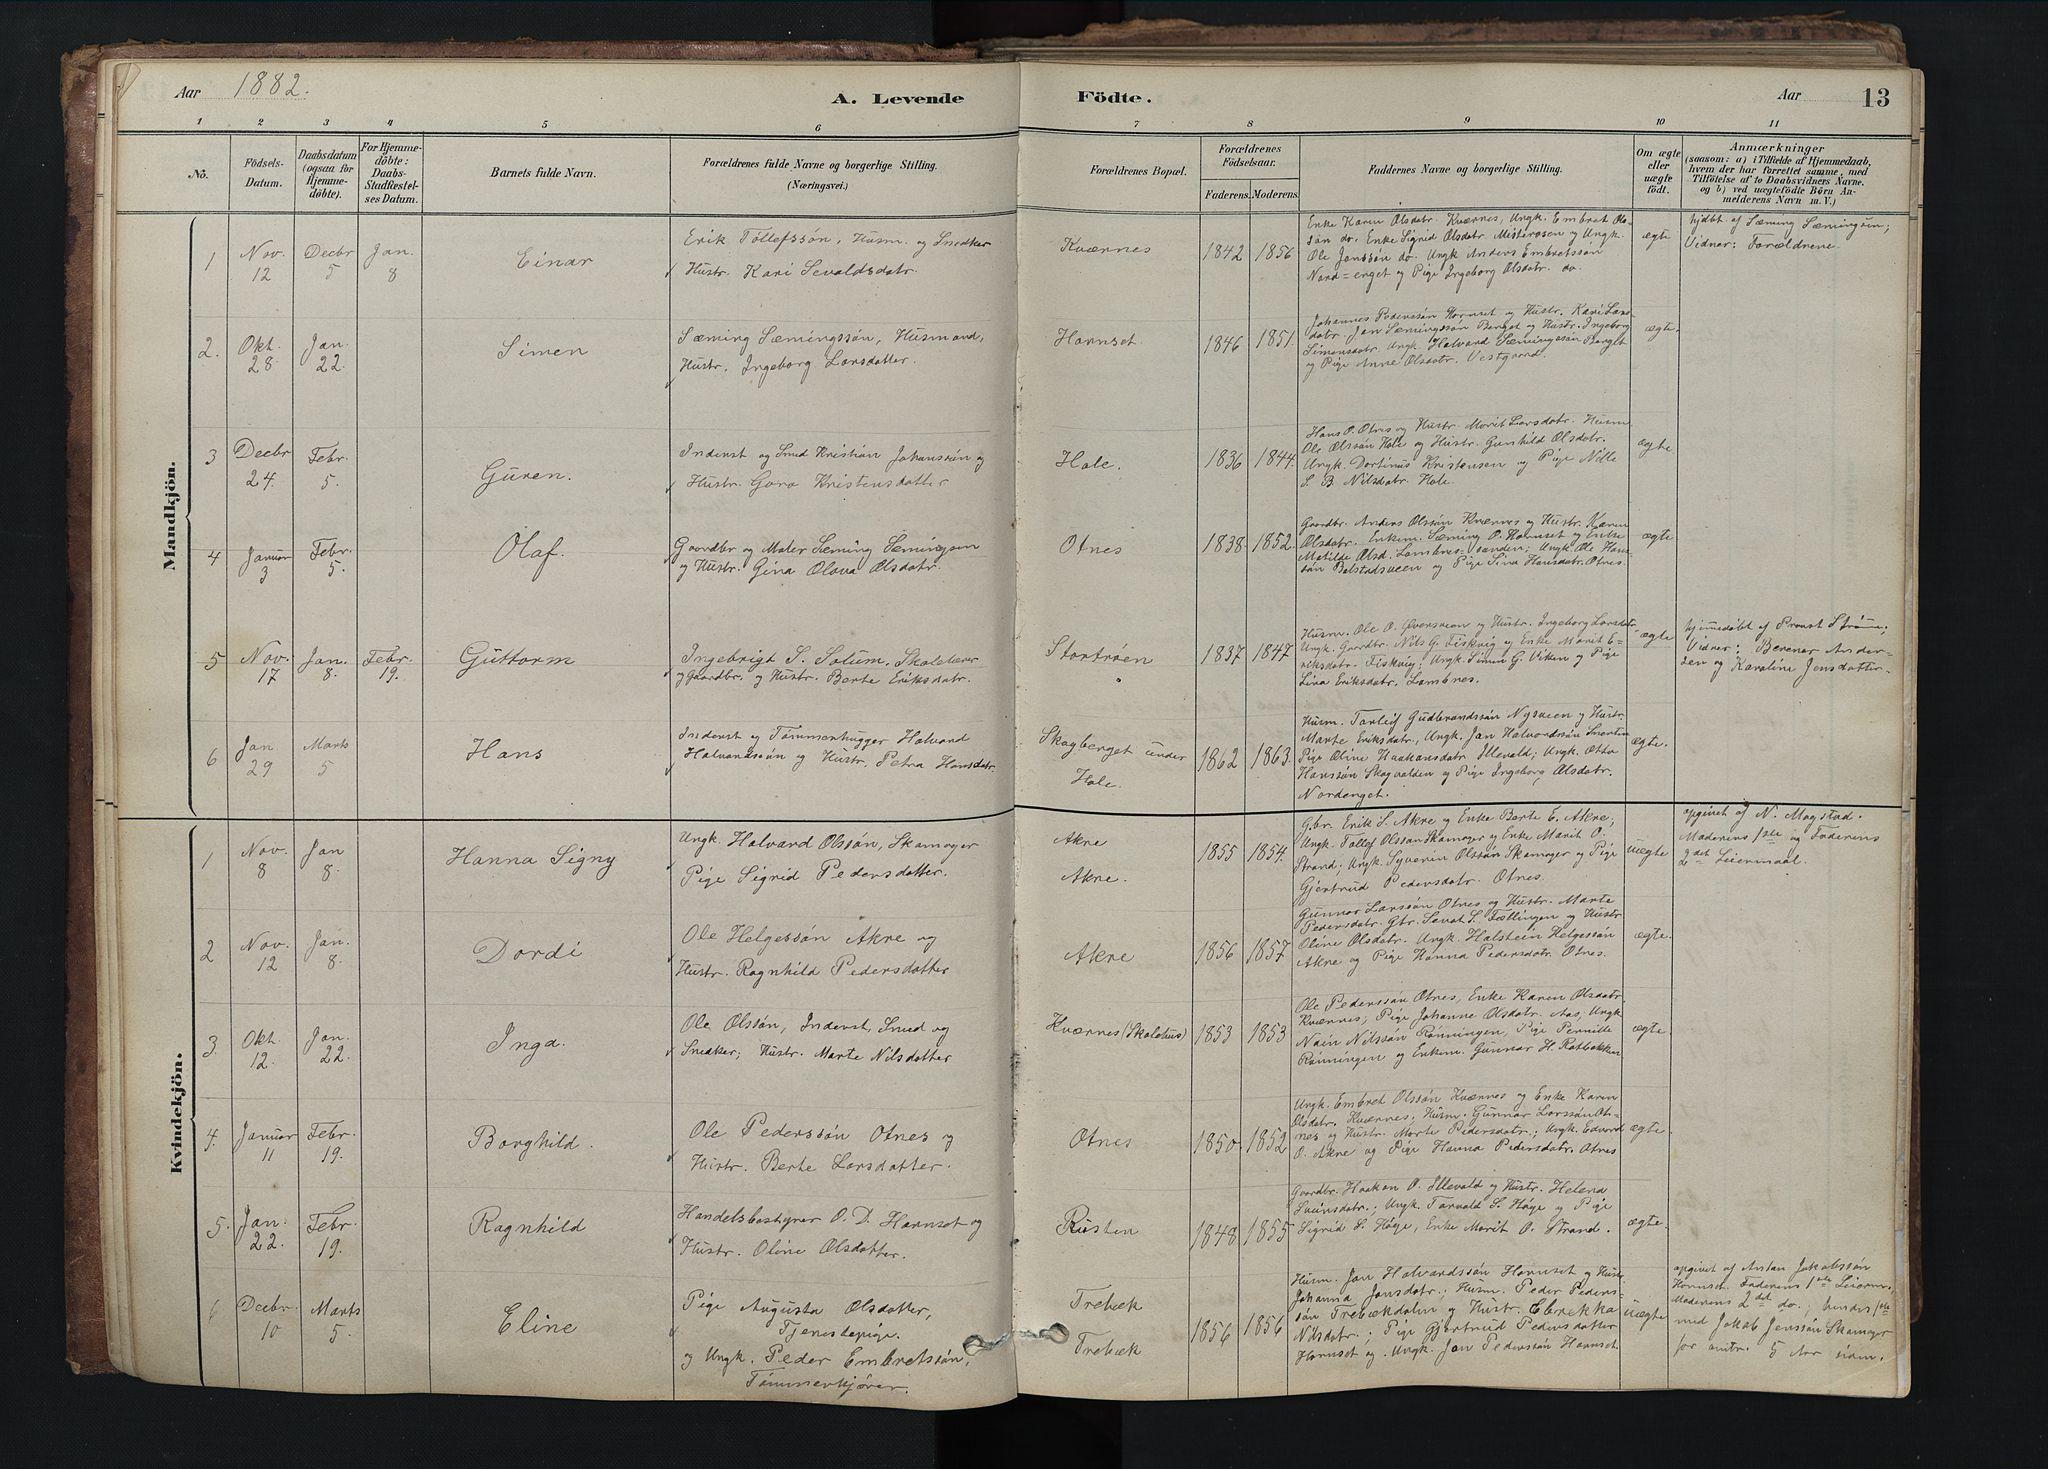 SAH, Rendalen prestekontor, H/Ha/Hab/L0009: Klokkerbok nr. 9, 1879-1902, s. 13